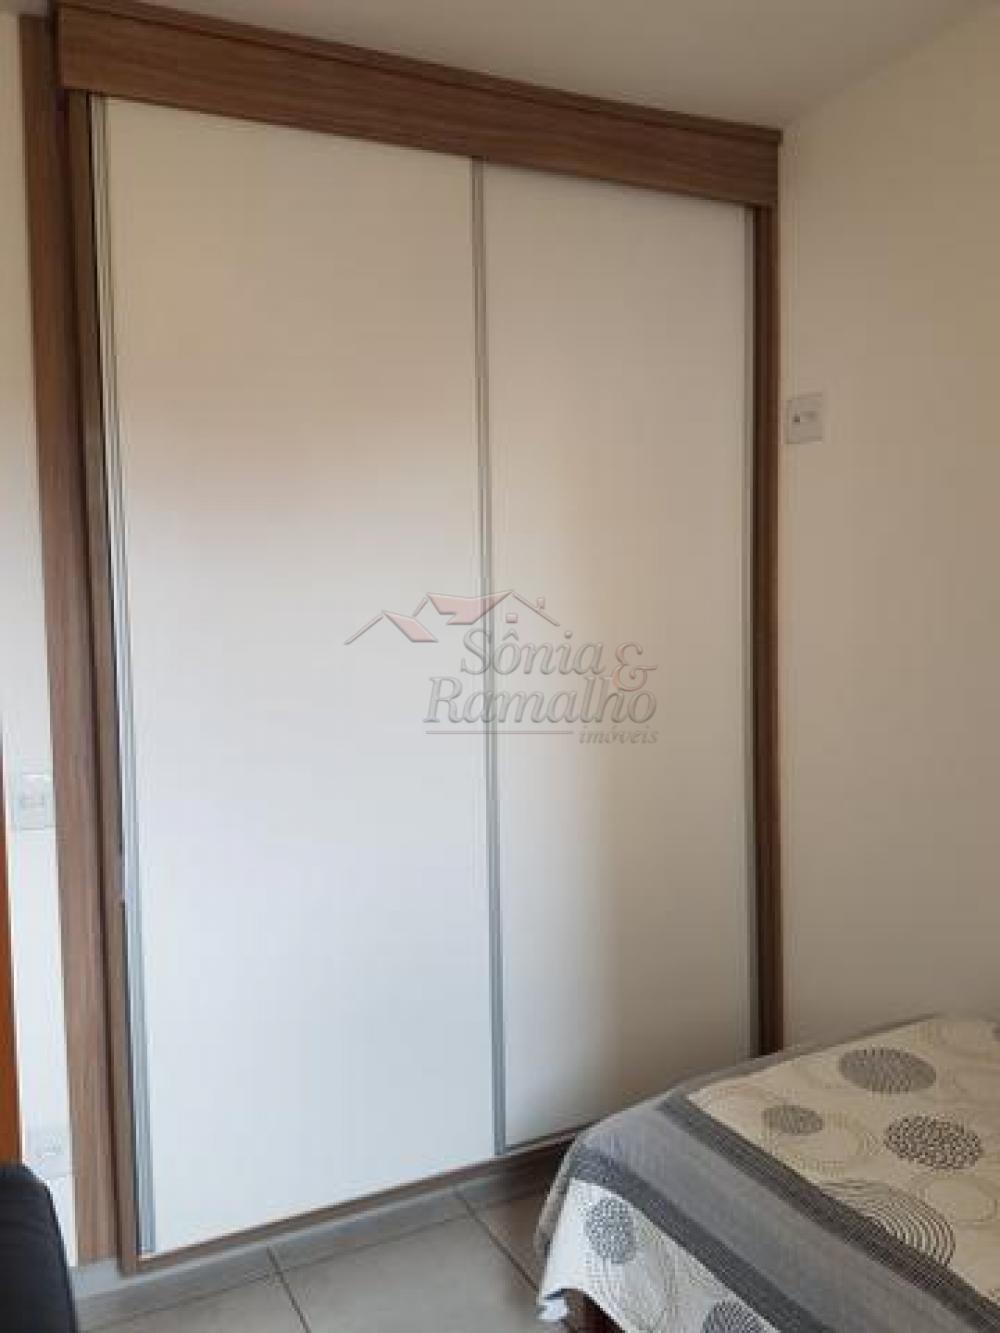 Comprar Apartamentos / Padrão em Ribeirão Preto apenas R$ 300.000,00 - Foto 12